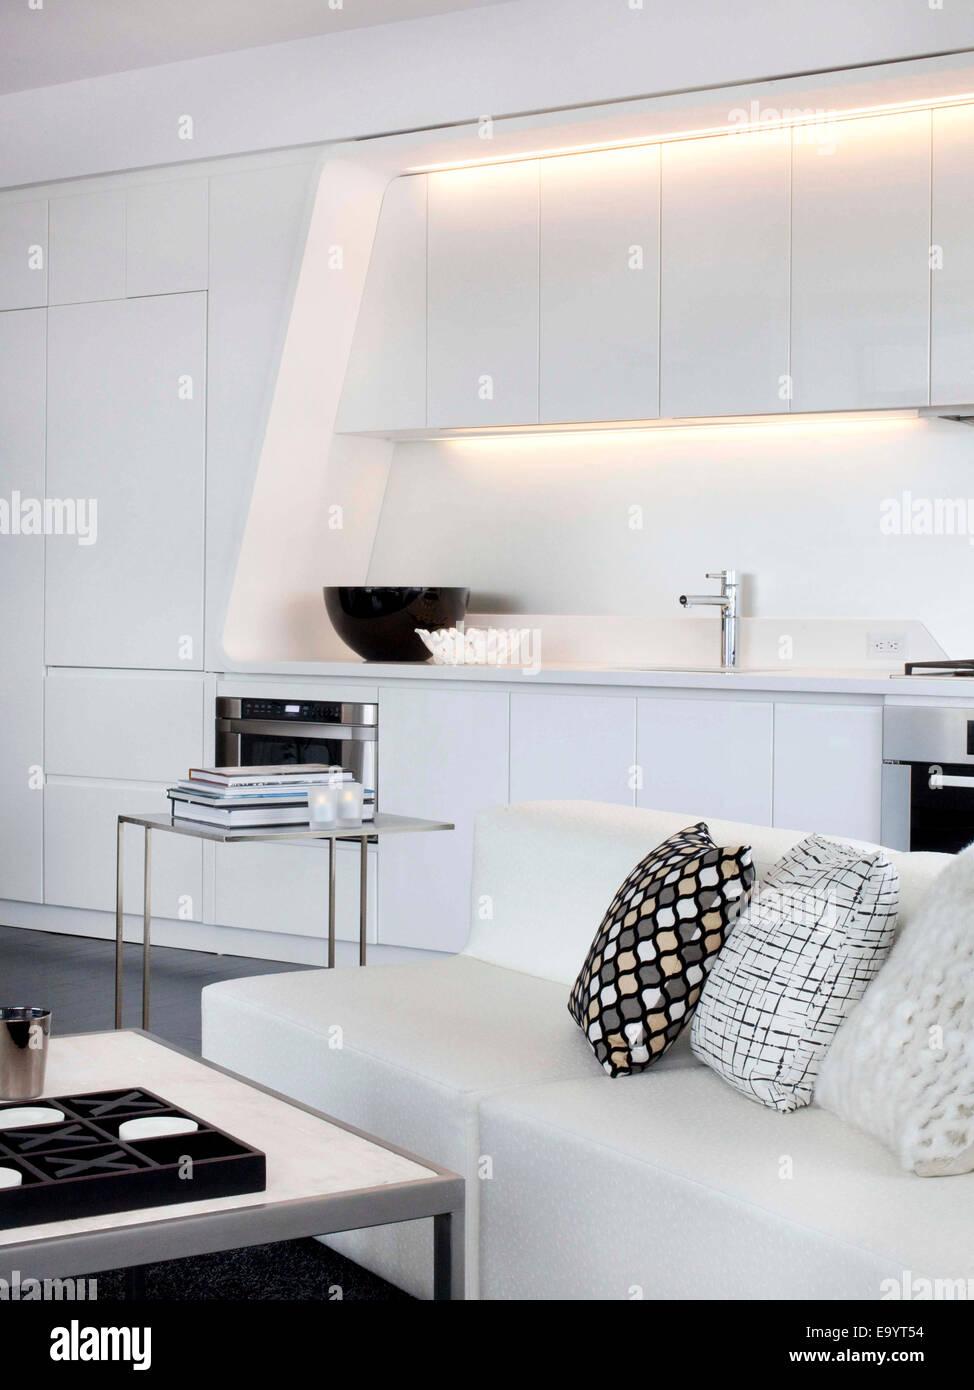 Apartment immagini apartment fotos stock alamy - Divano in cucina ...